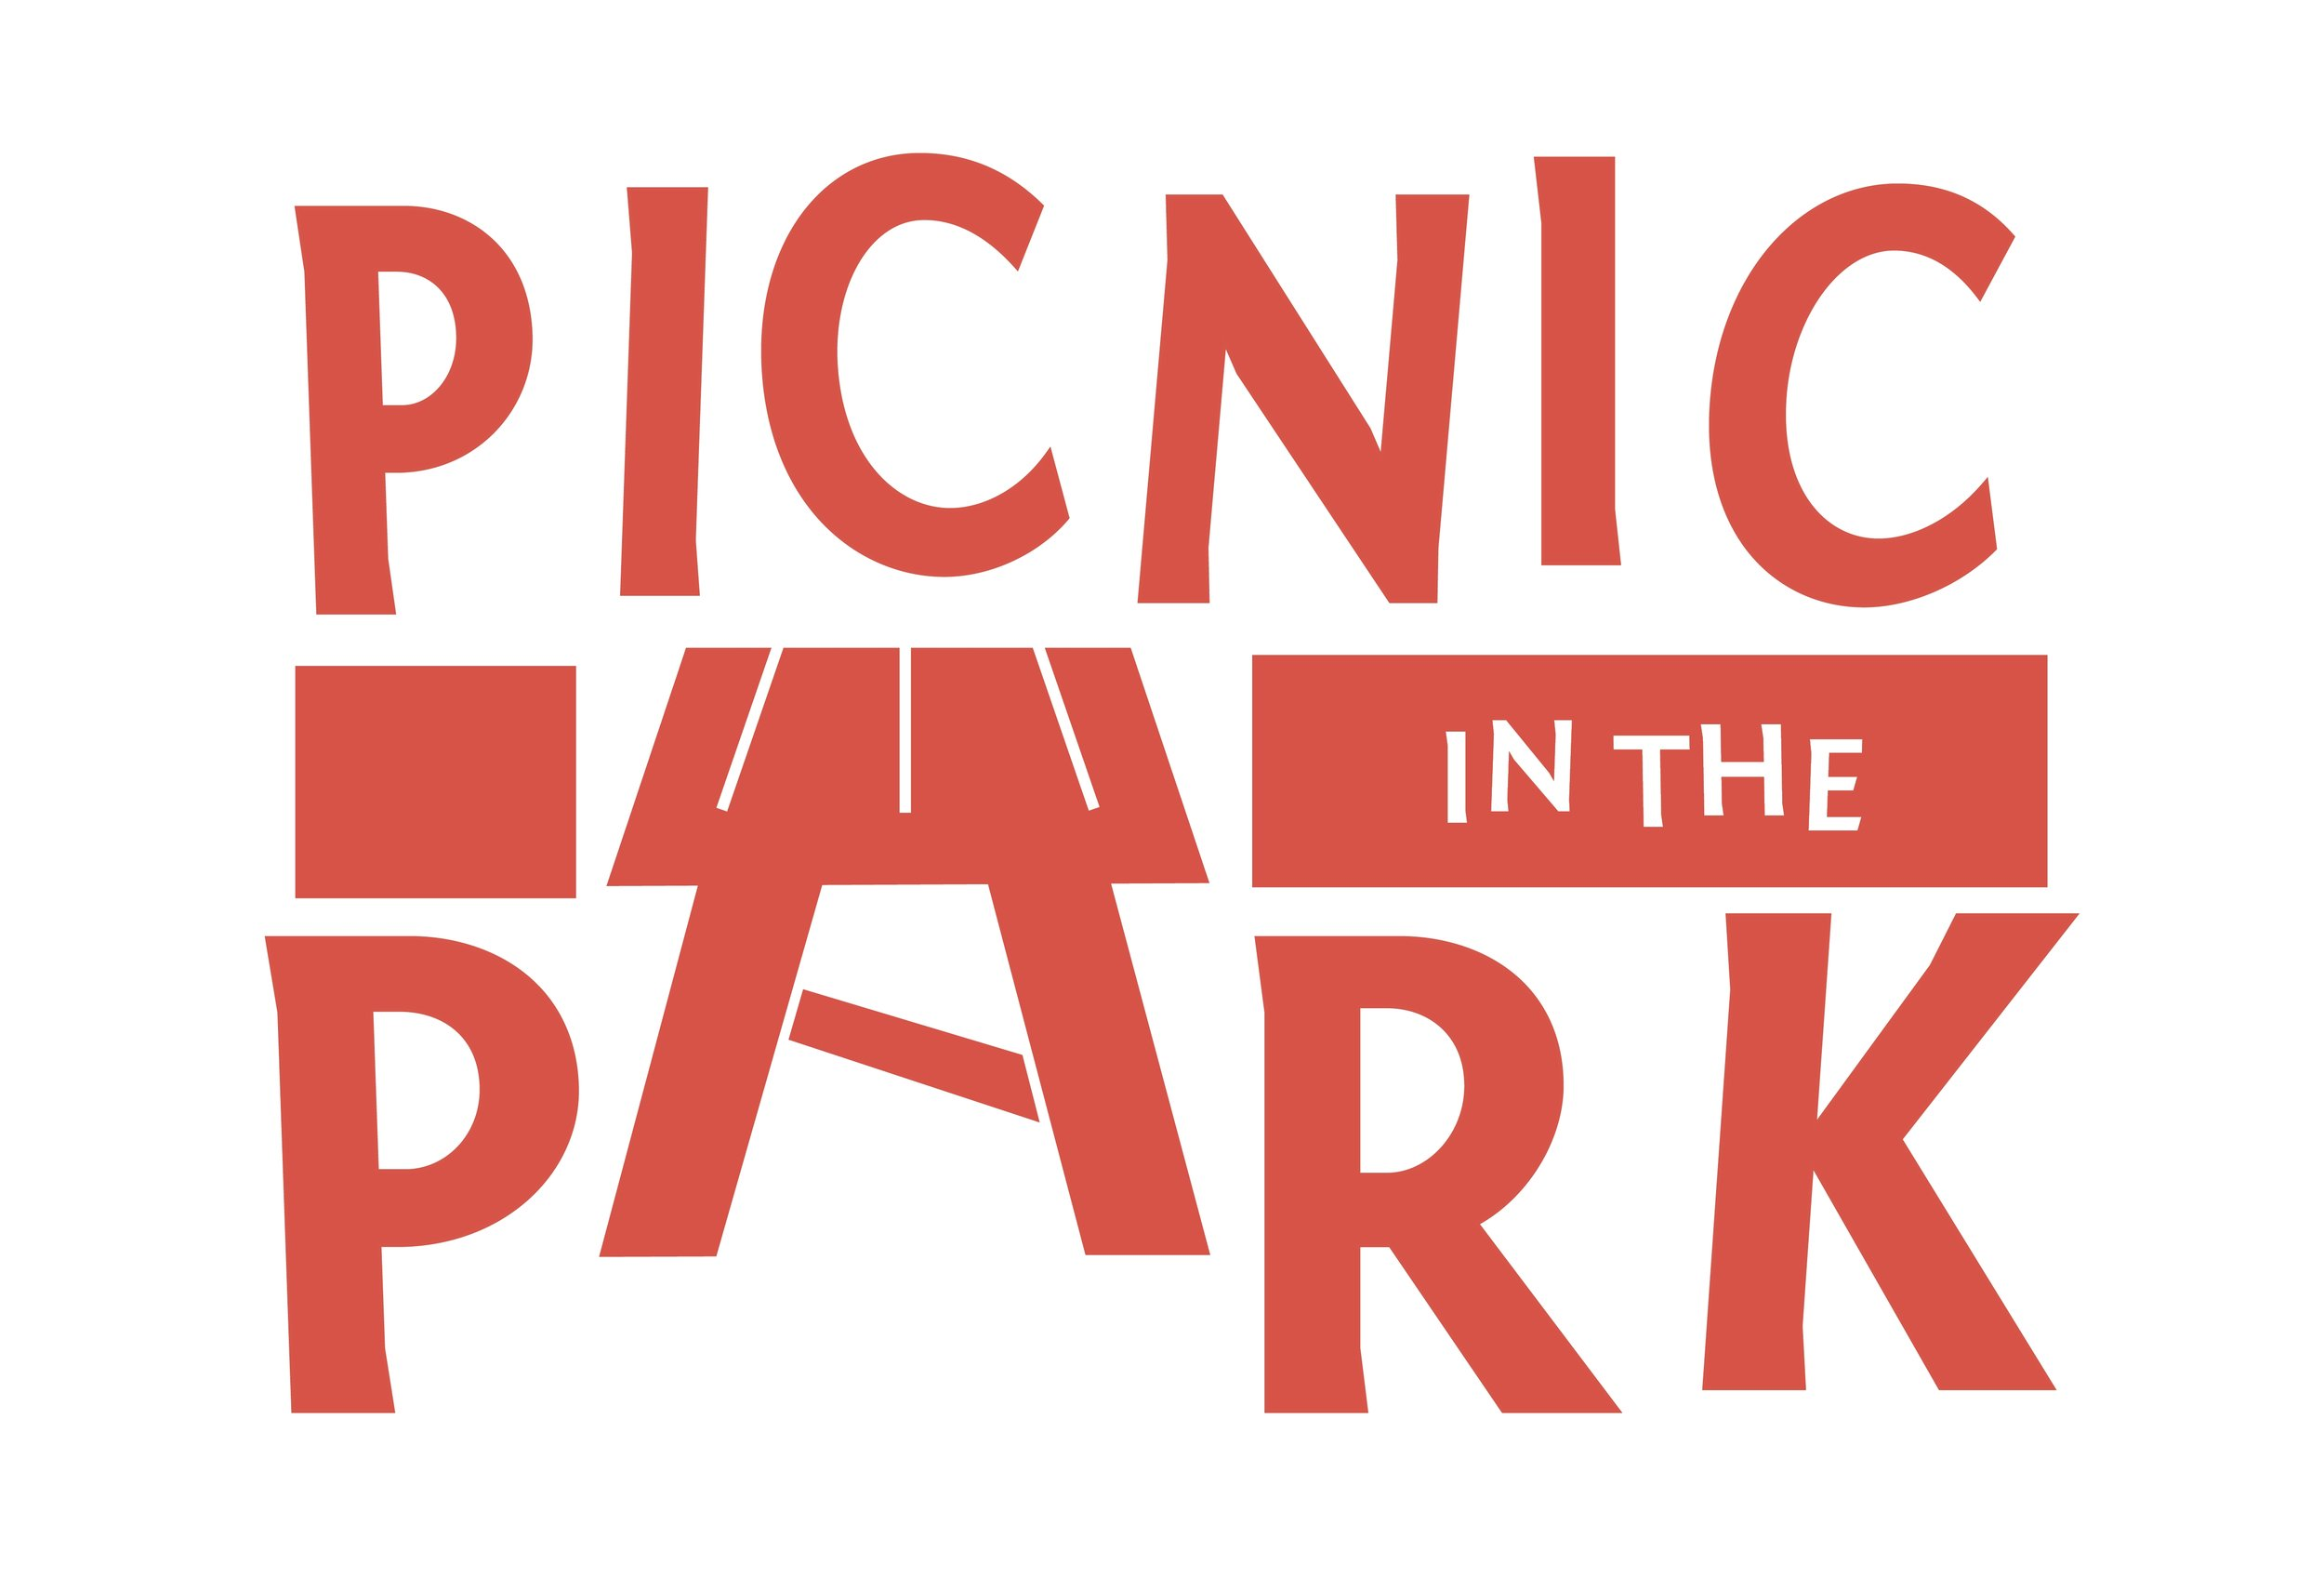 Picnic in the Park 2.jpg